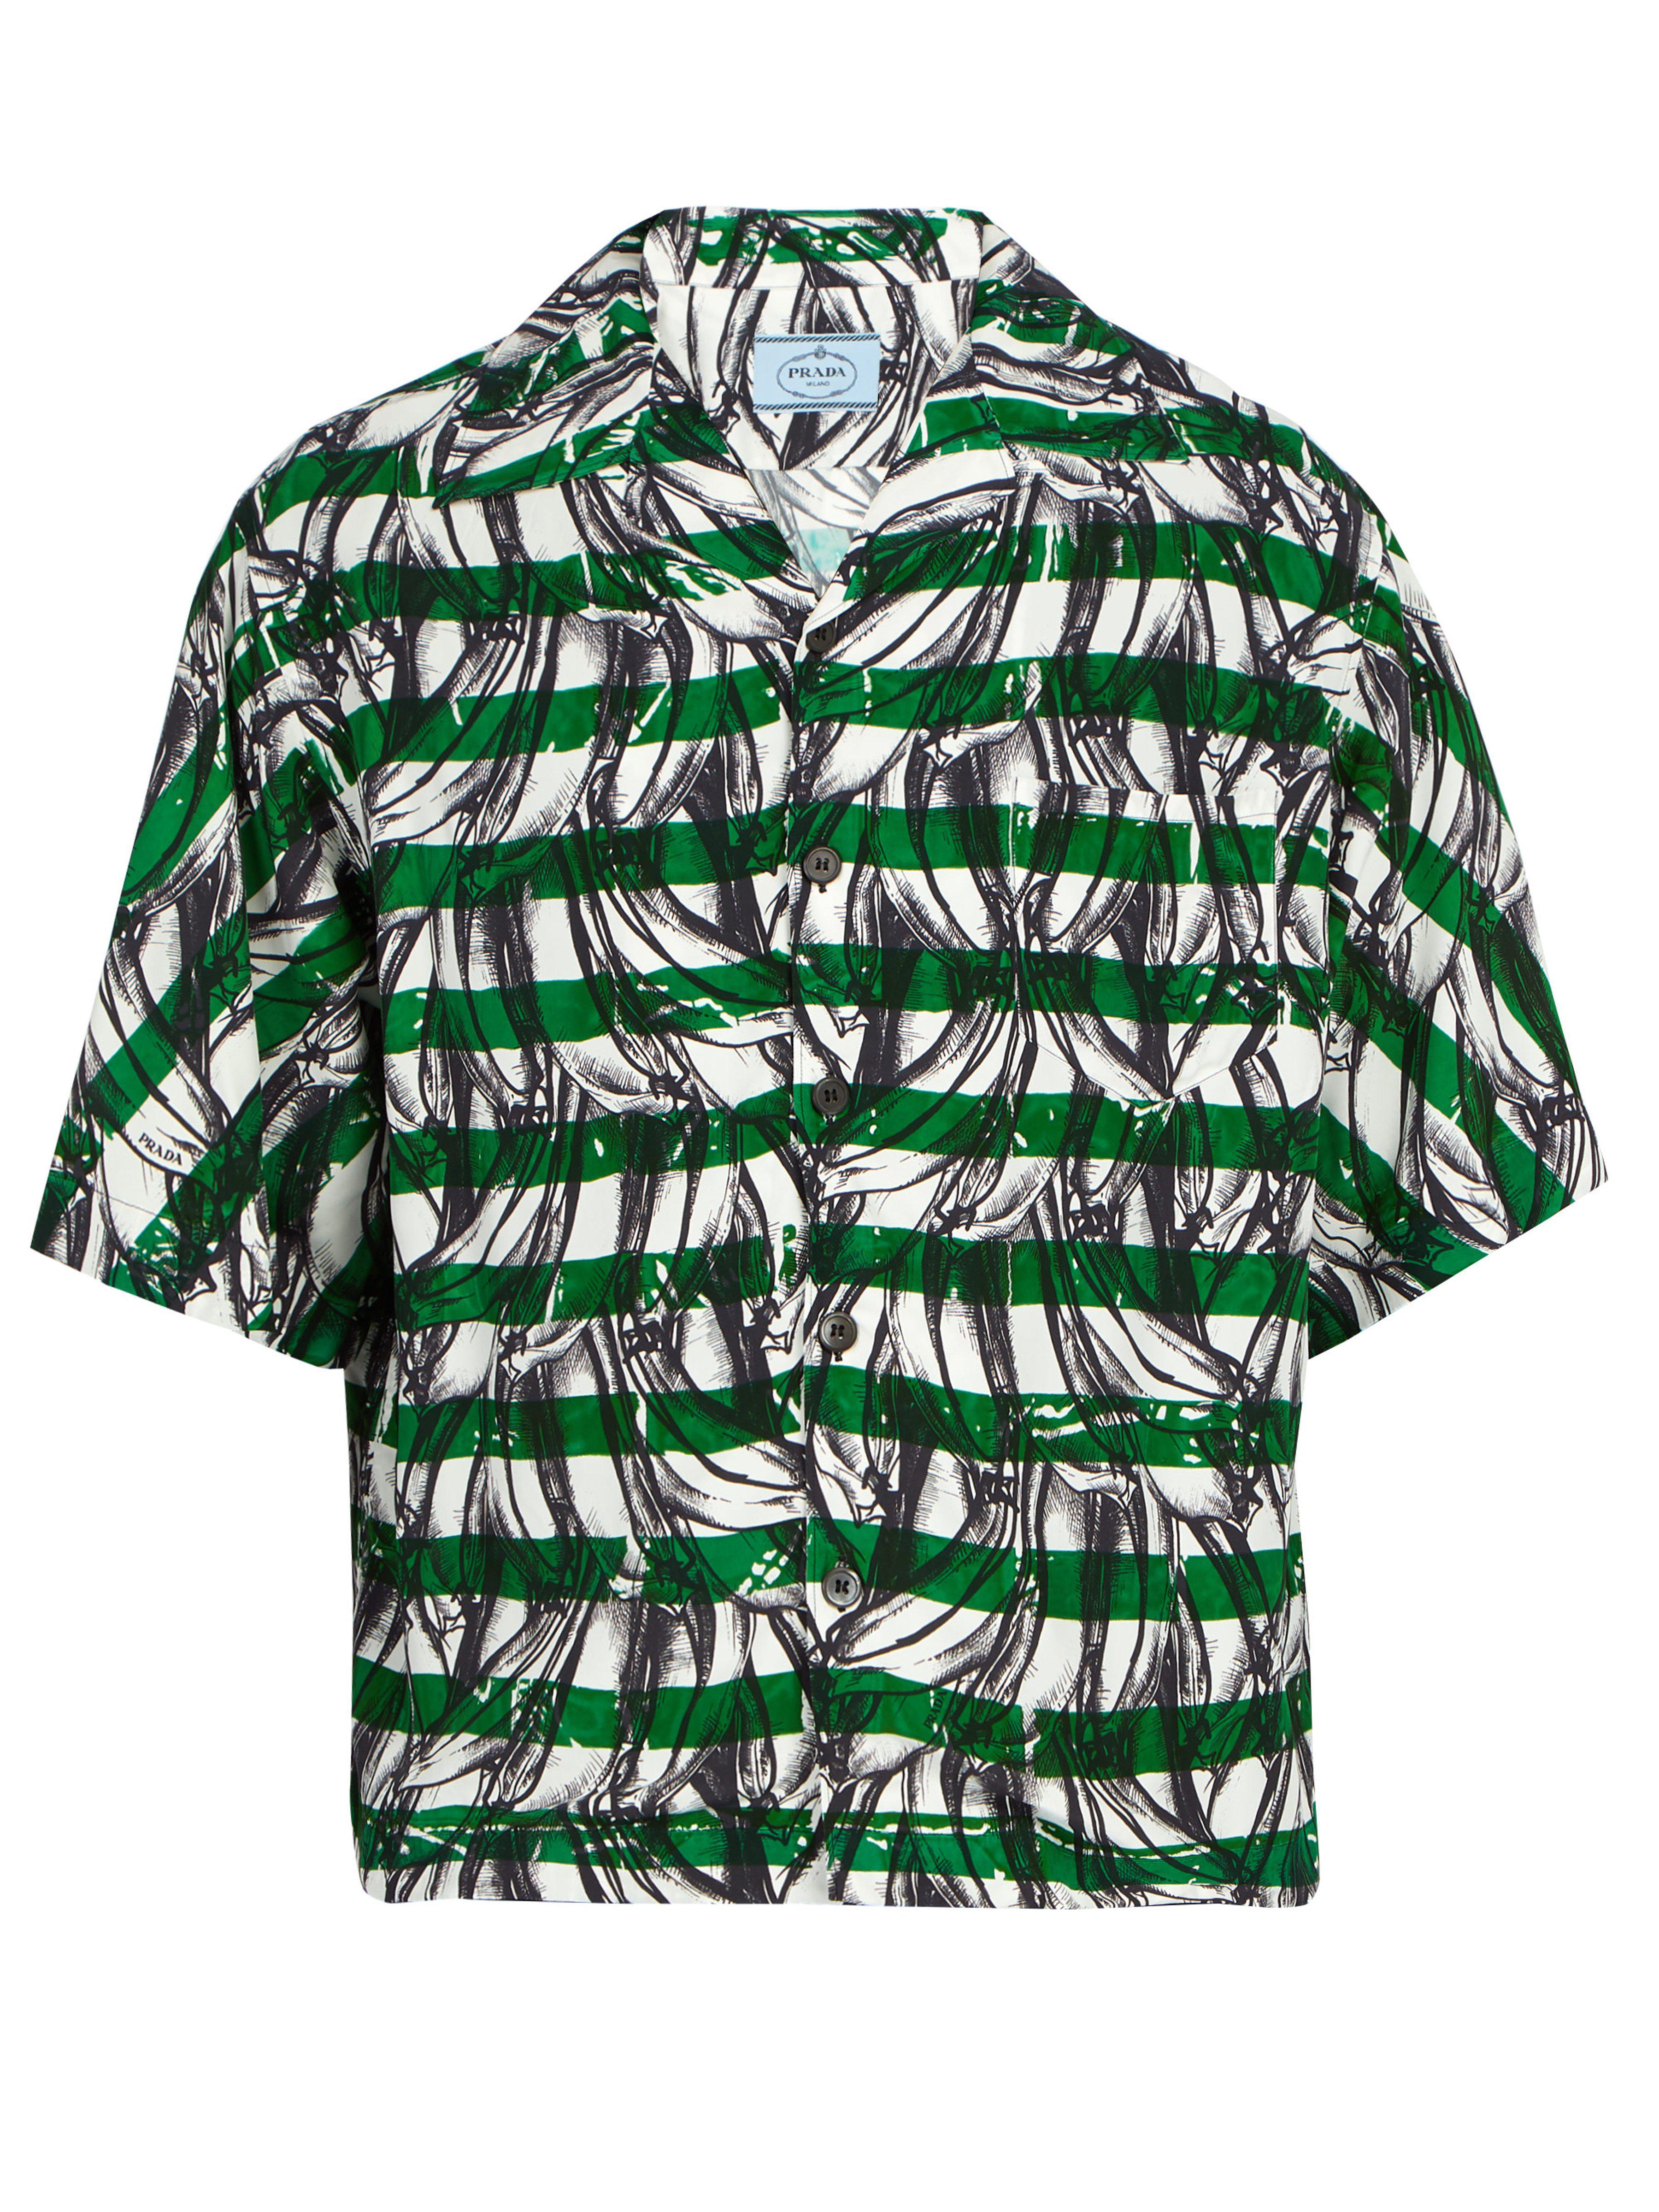 14c7f064 Prada Green Banana Print Striped Short Sleeved Shirt for men